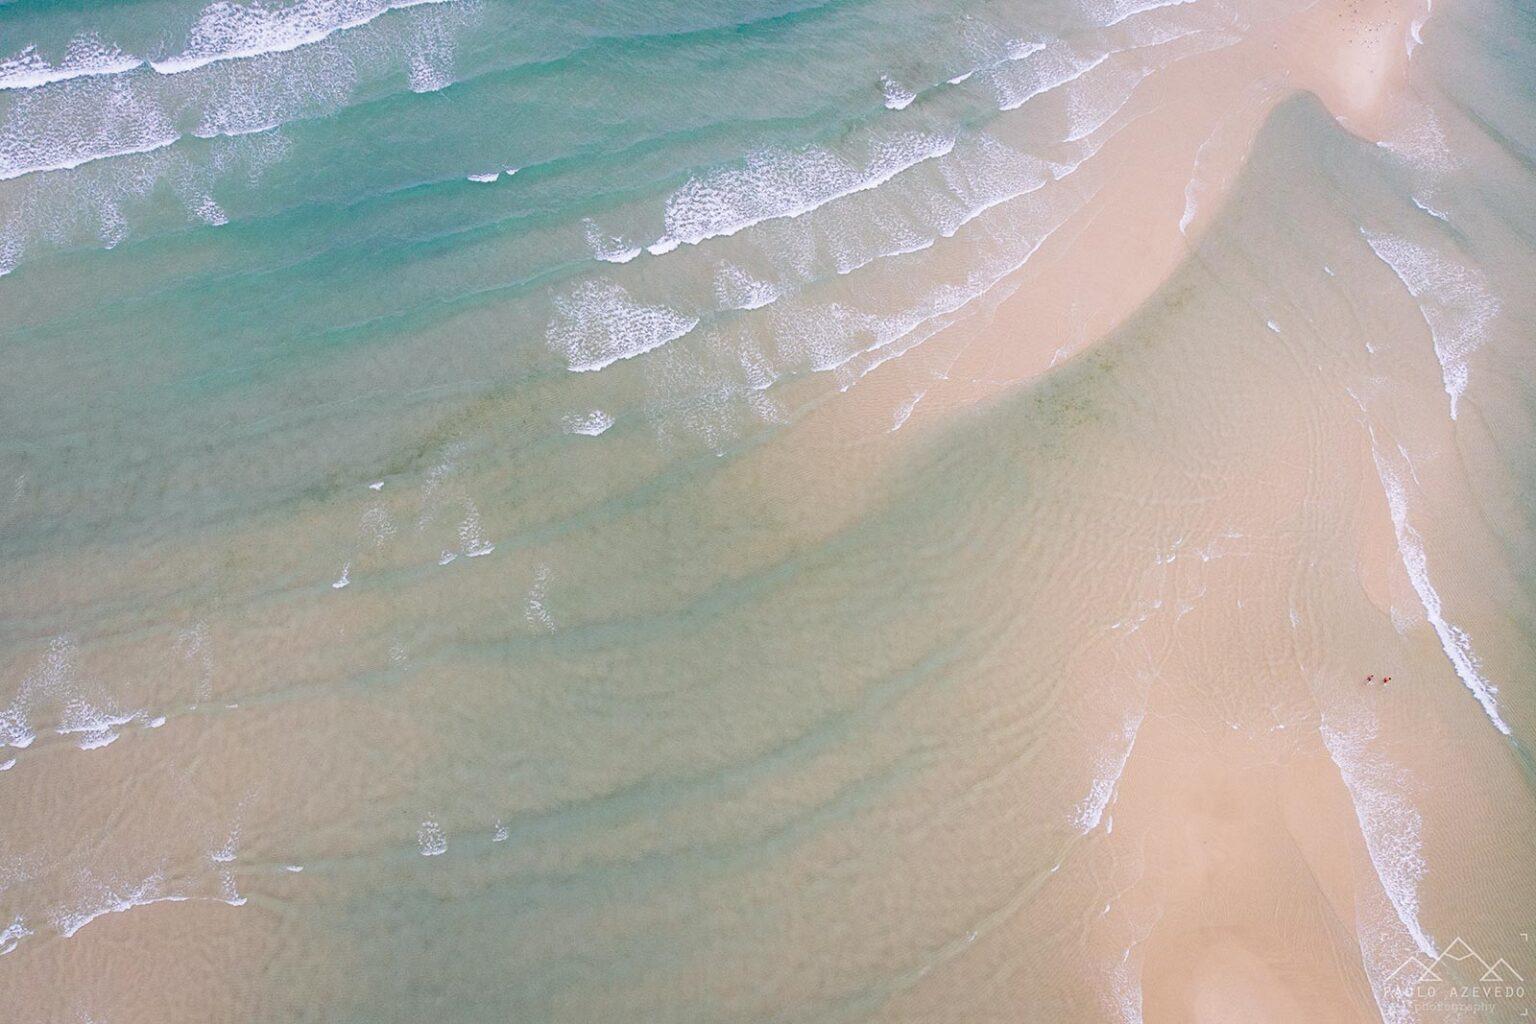 Mar e areia em harmonia